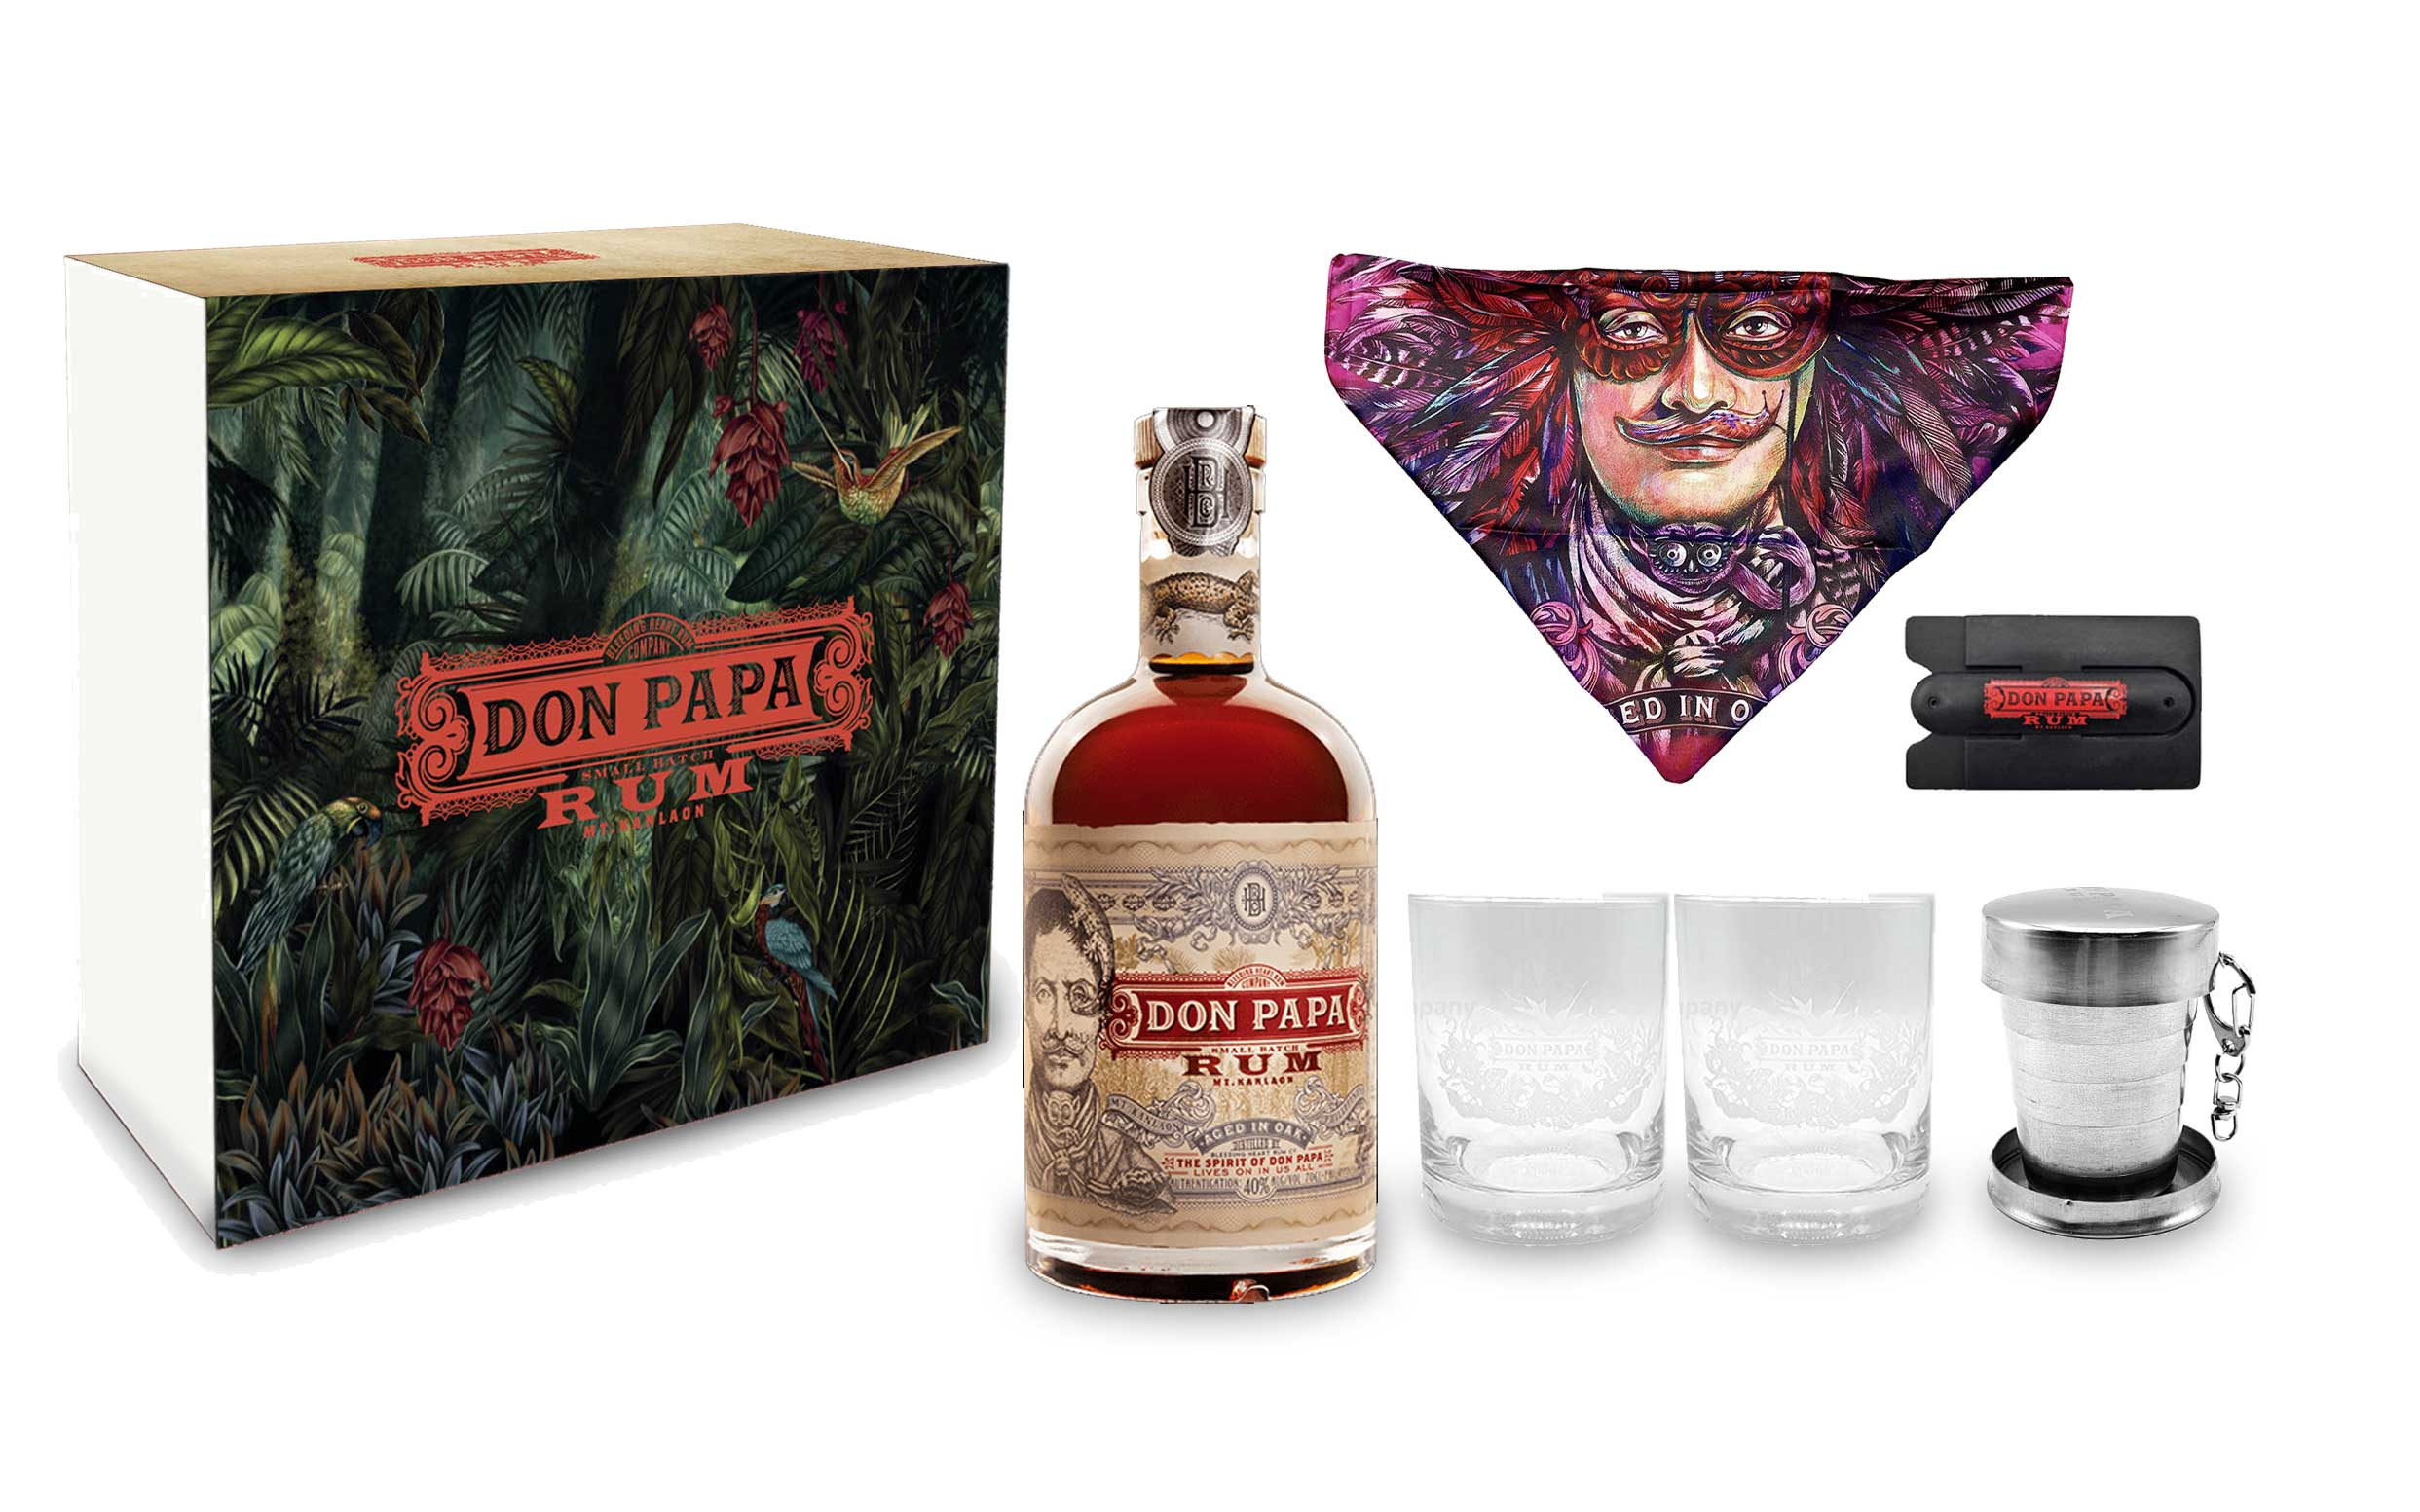 Don Papa Geschenkset Rum 0,7l (40% Vol) + 2 Tumbler Gläser + Halstuch + einklappbarem Jigger Anhänger + Handy Karten Halterung zum aufkleben- [Enthält Sulfite]